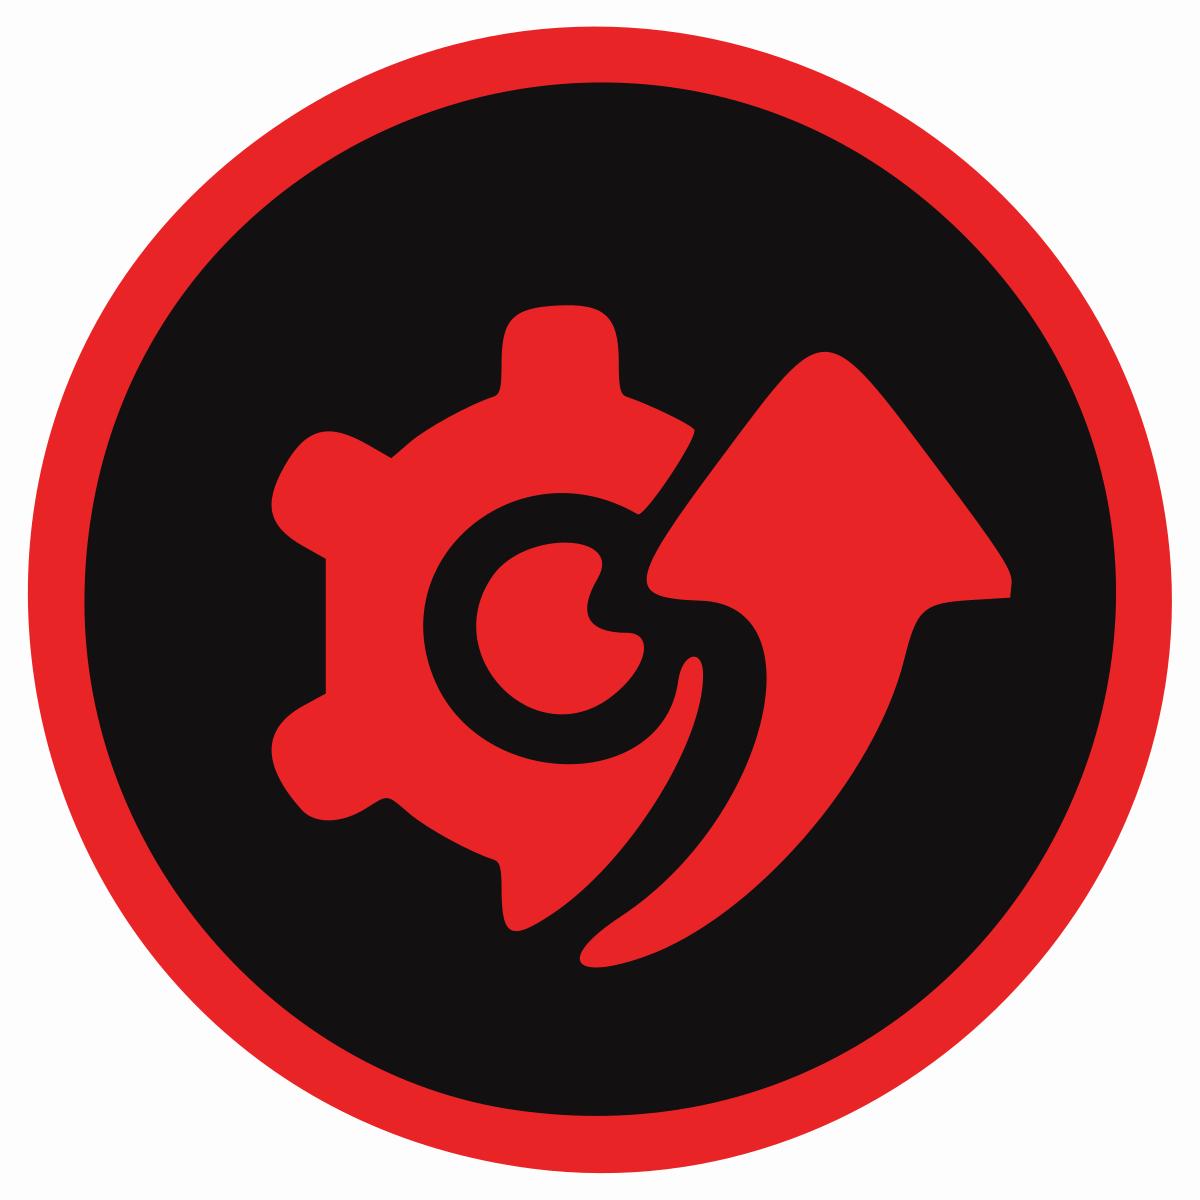 Logiciel Driver Booster 7 Pro - licence d'un an, 3 PCs (dématérialisé) - purchase.Iobit.com